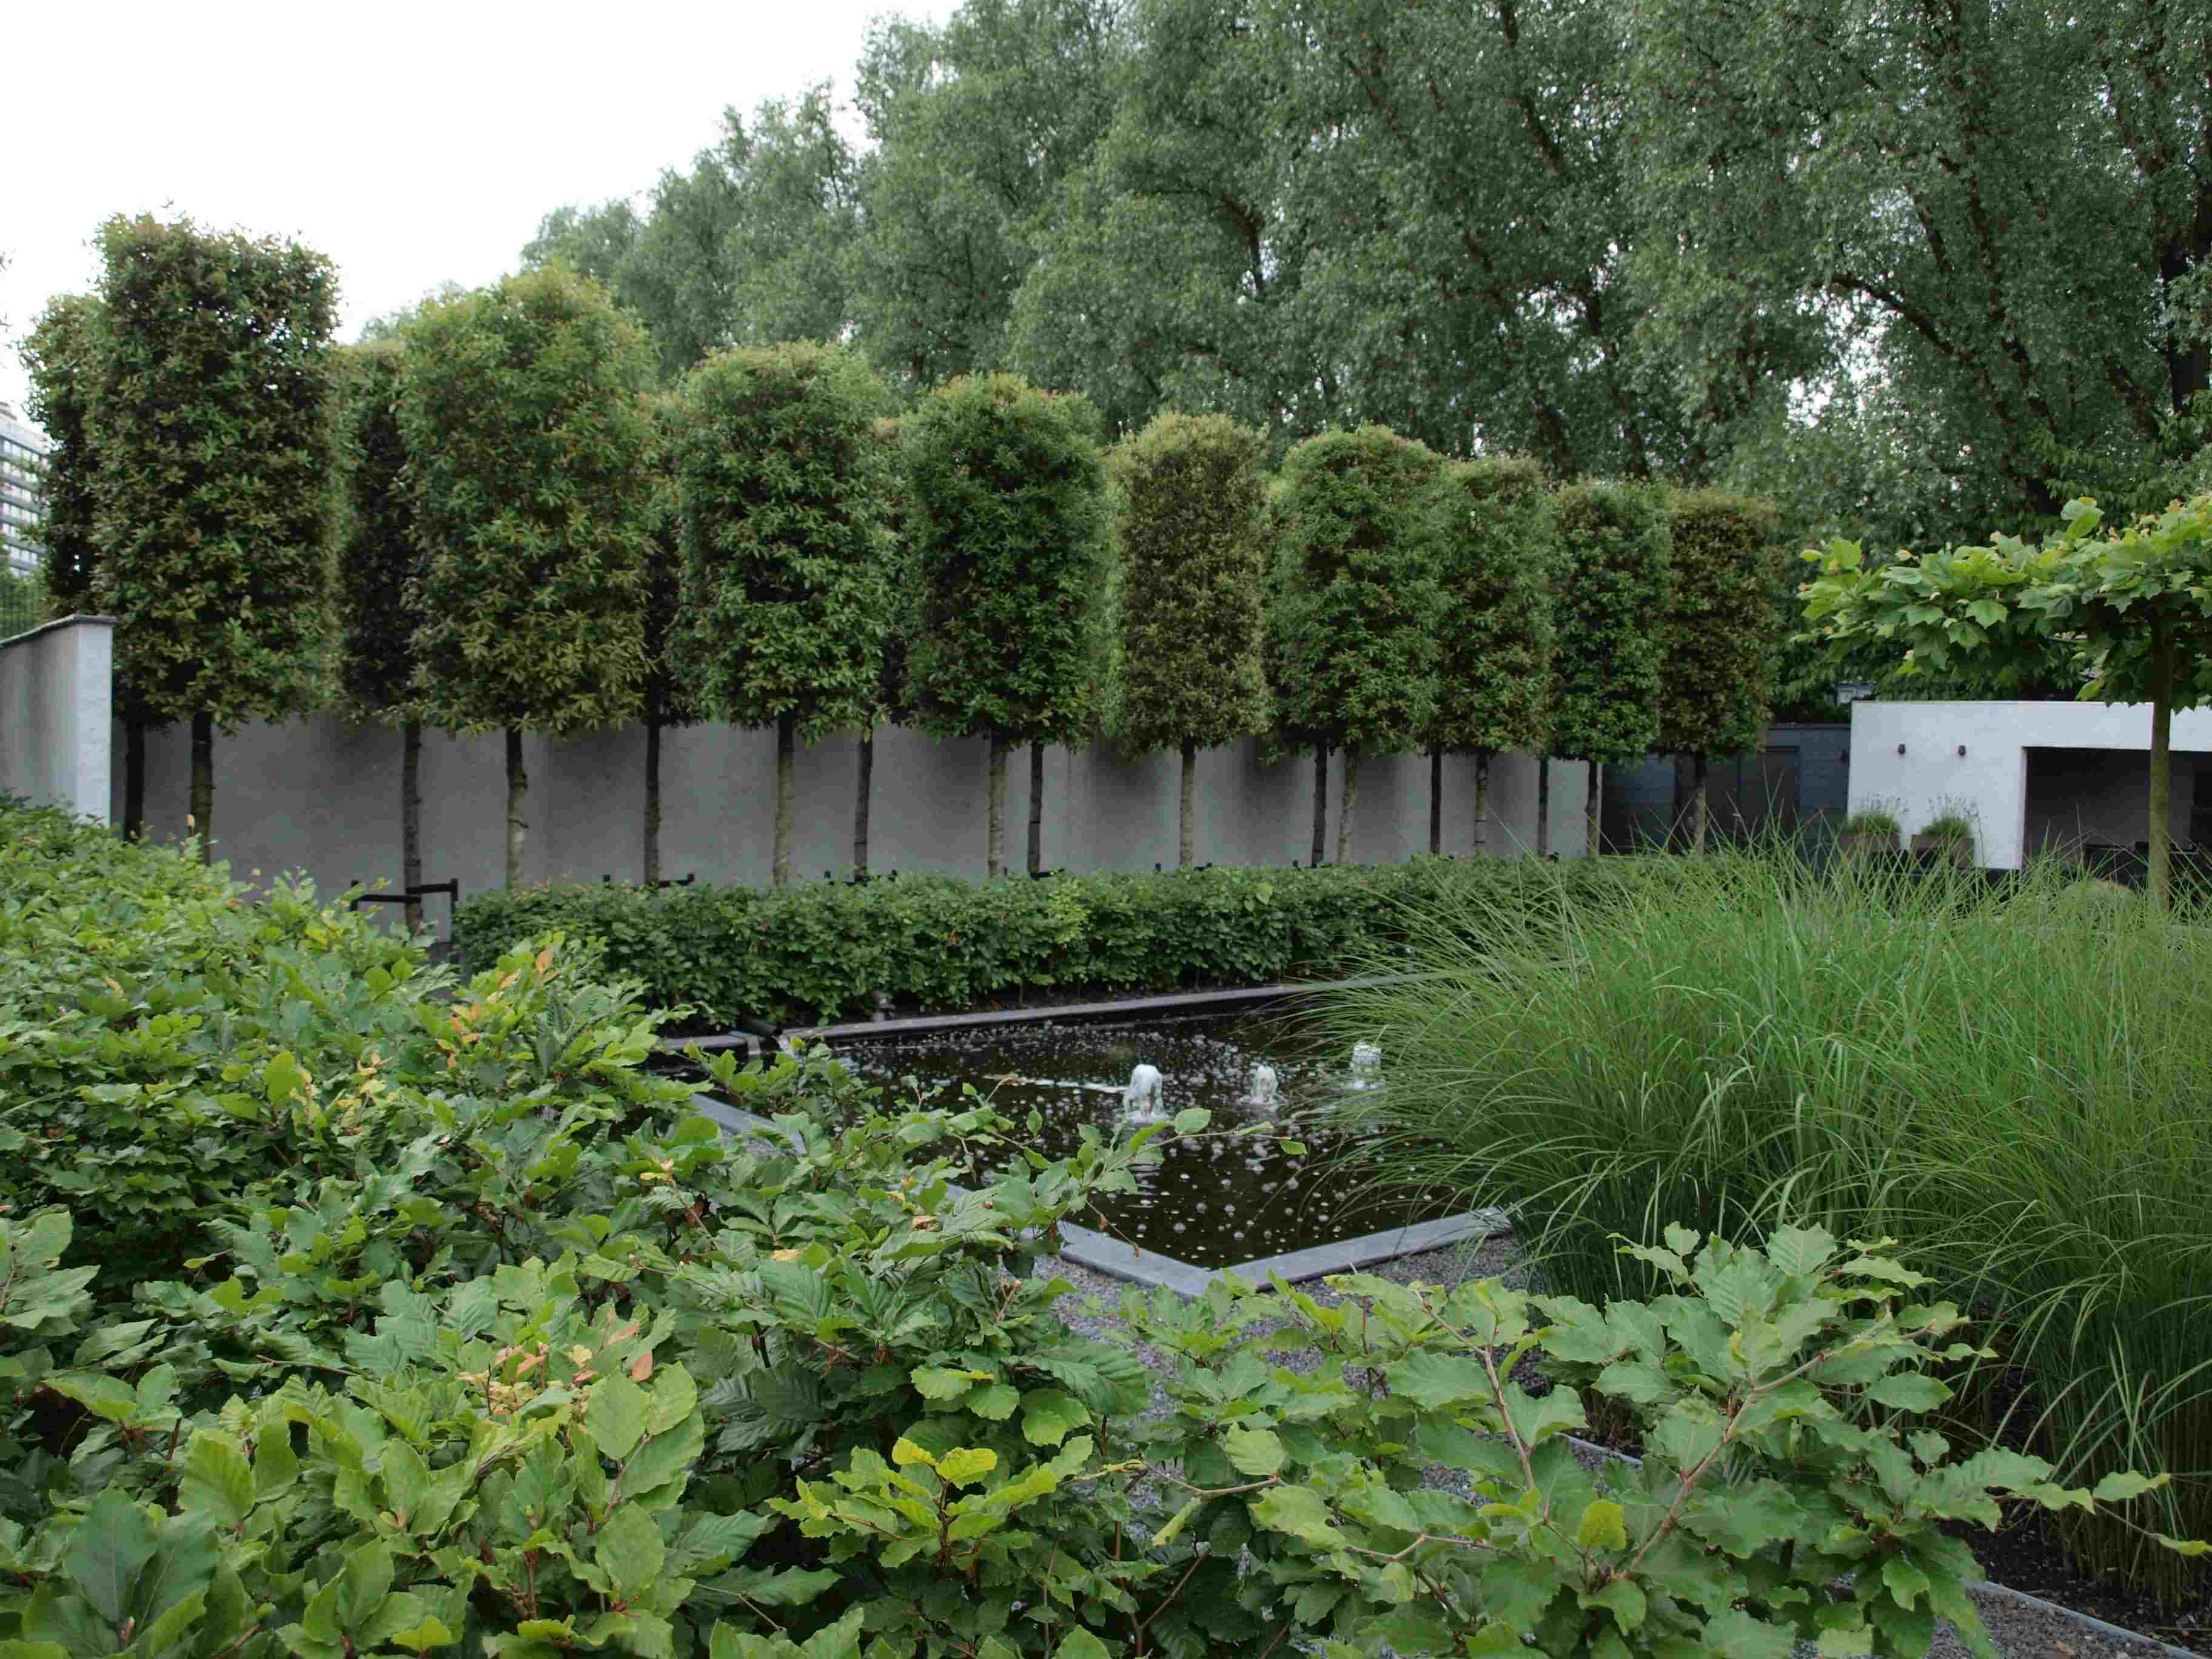 Tuinen kijken buitenskamers tuinontwerpen for Mooie tuinen kijken